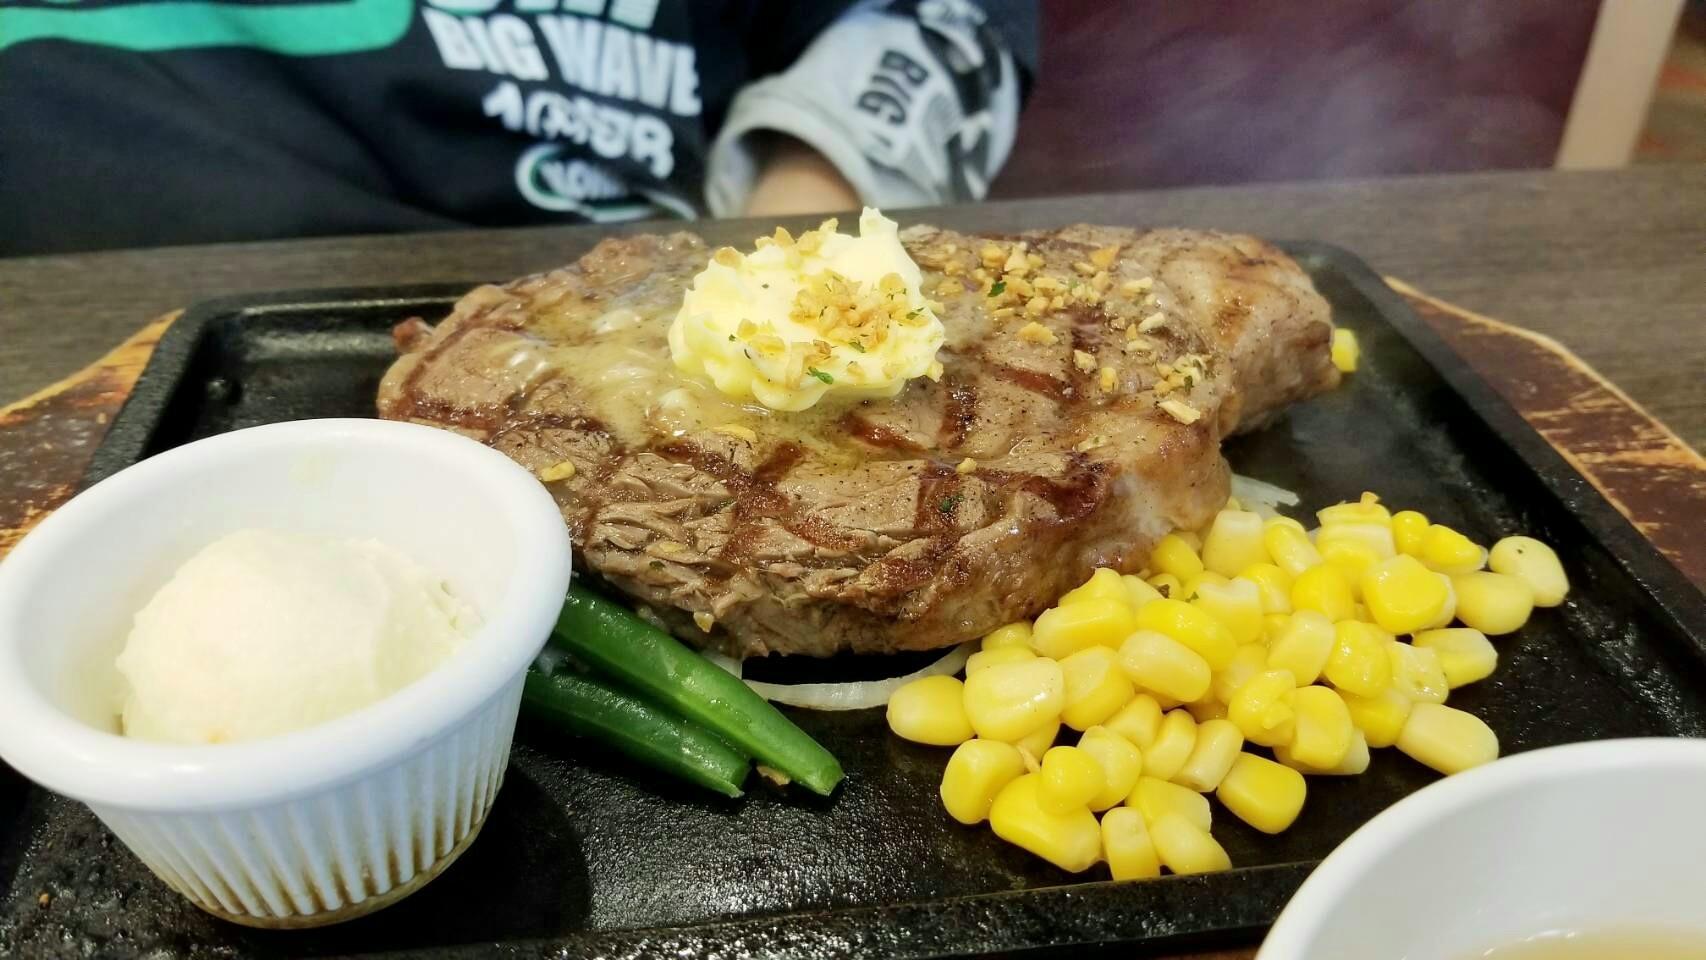 愛媛県グルメブログ美味しいステーキ食堂肉安くて食べ歩きおすすめ